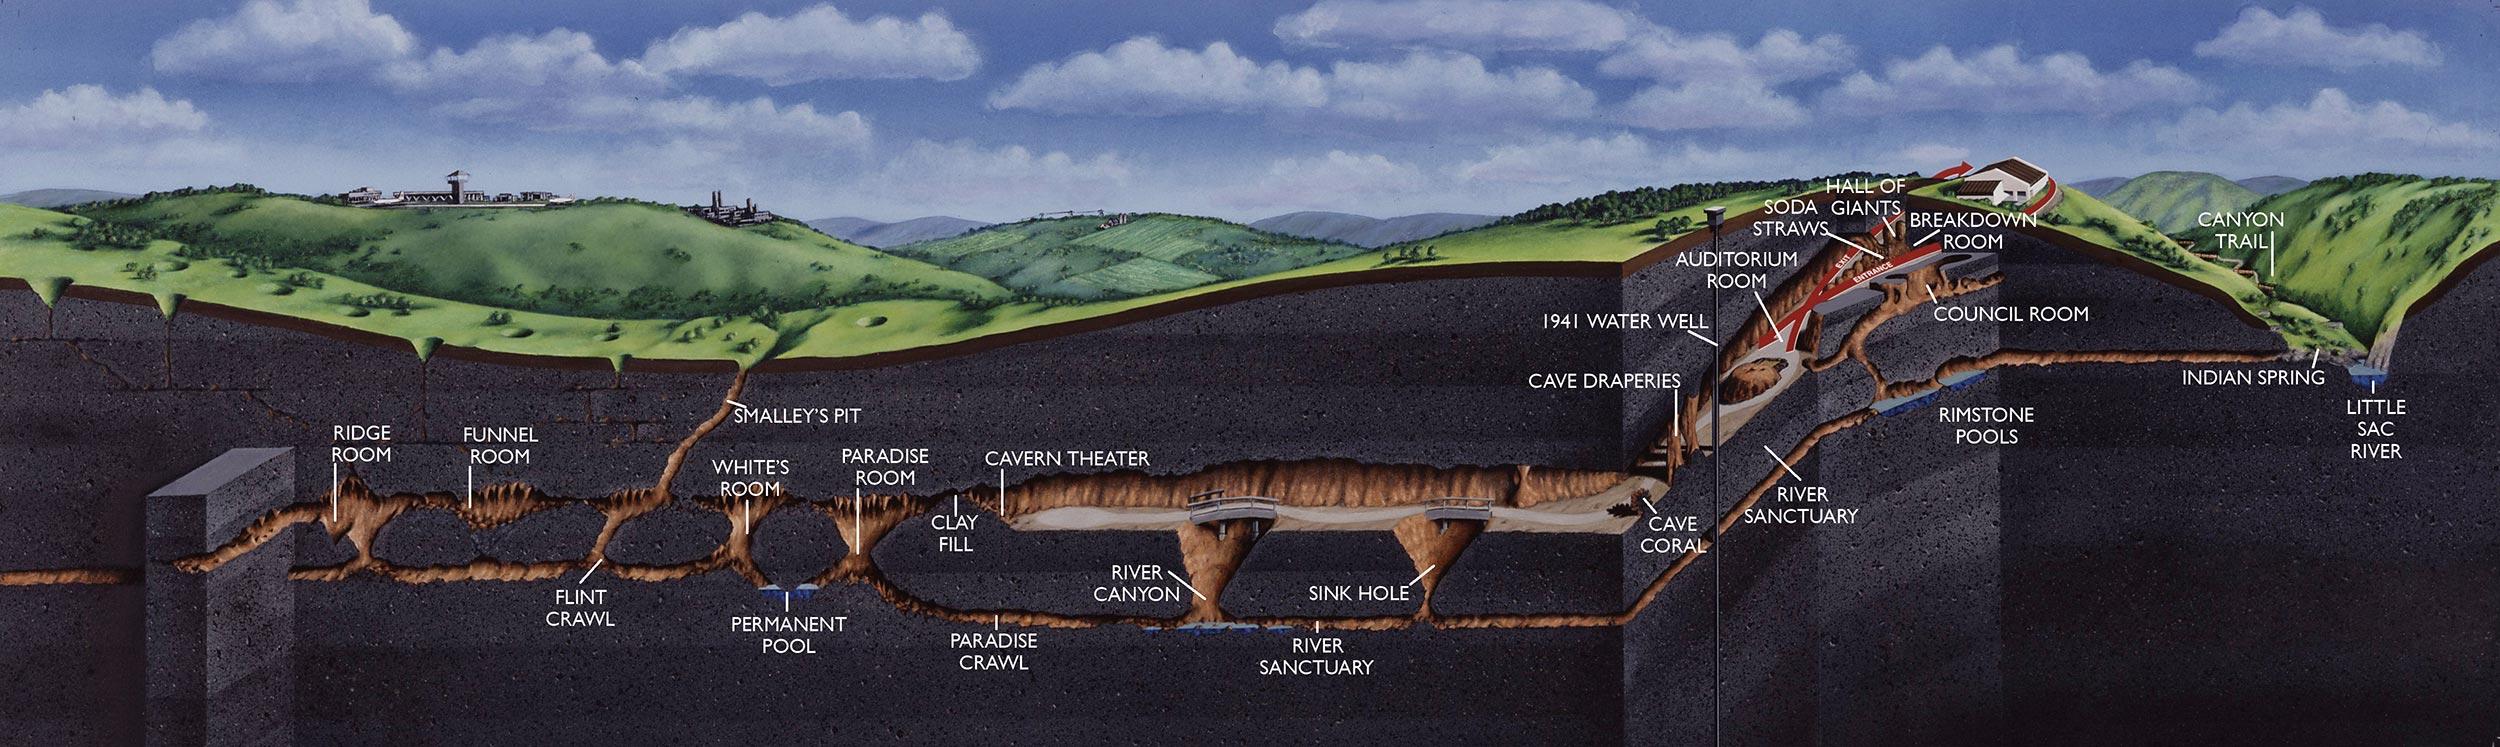 About Fantastic Caverns | Fantastic Caverns